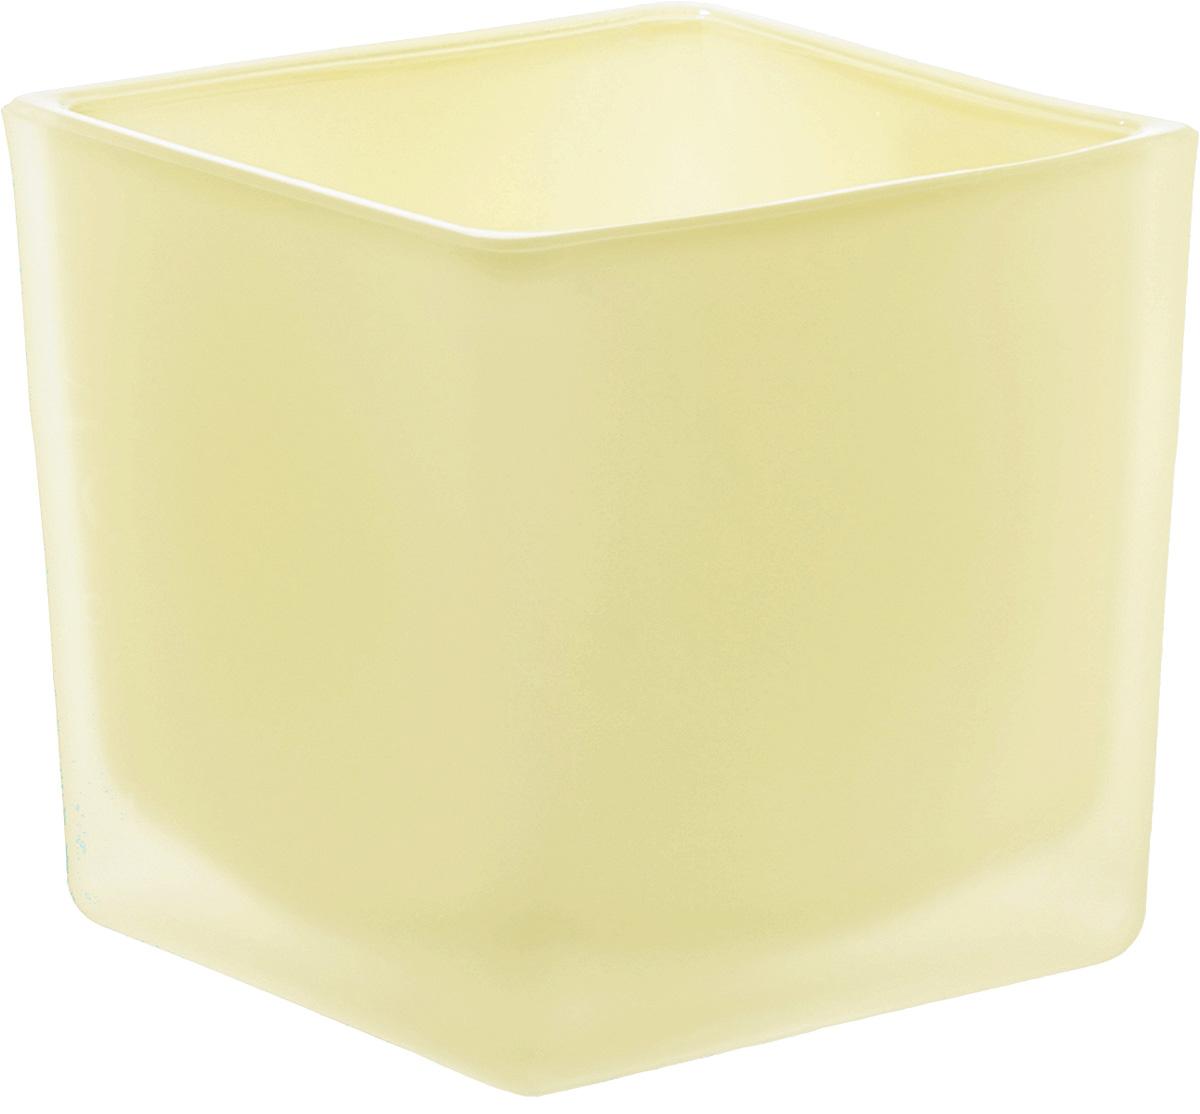 Кашпо-подсвечник Nina Glass Куб, цвет: ваниль, 600 млNG91-005VПродукция завода под брендом NinaGlass известна российскому потребителю необычностью форм и оригинальным декорированием. Главным достоинством стеклянных горшков является отсутствие пористости на их внутренней поверхности, что делает безопасной смену растительного состава. Предприятие производит два вида изделий для флористов:- стеклянные цветочные горшки с отверстием в дне для посадки в них цветов и растений и подставкой под горшок в виде блюдца;- кашпо без отверстия для укладки в них пластиковых контейнеров с цветами и растениями.Горшки и кашпо изготавливаются из опалового триплексного (тройного) стекла с различными видами декорирования водо- и износостойкими красками. Возможна окраска изделий изнутри. Матовая поверхность и окраска изнутри создают объемный эффект, а сами цвета очень мягкие и приятные. Также интересны и формы изделий, выполненные методом центробежного формования: - горшки НТ - современная модель горшка с поддоном, которые смотрятся как единое целое и обладают устойчивым широким дном;- кашпо НТ - глубокие, с небольшим радиусом выпуклости, хорошим широким дном. Кашпо-подсвечники в форме куба можно считать дополнительной опцией: вы можете оформить интерьер не только оригинальными горшками и кашпо, но также весьма привлекательными подсвечниками.Доступны 5 размеров горшков и кашпо и 3 размера кашпо-кубов. Продукция TM NinaGlass безопасна, функциональна, прочна и уникальна. Горшки и кашпо способны создать неповторимое настроение и стать центром интерьера в любом помещении.